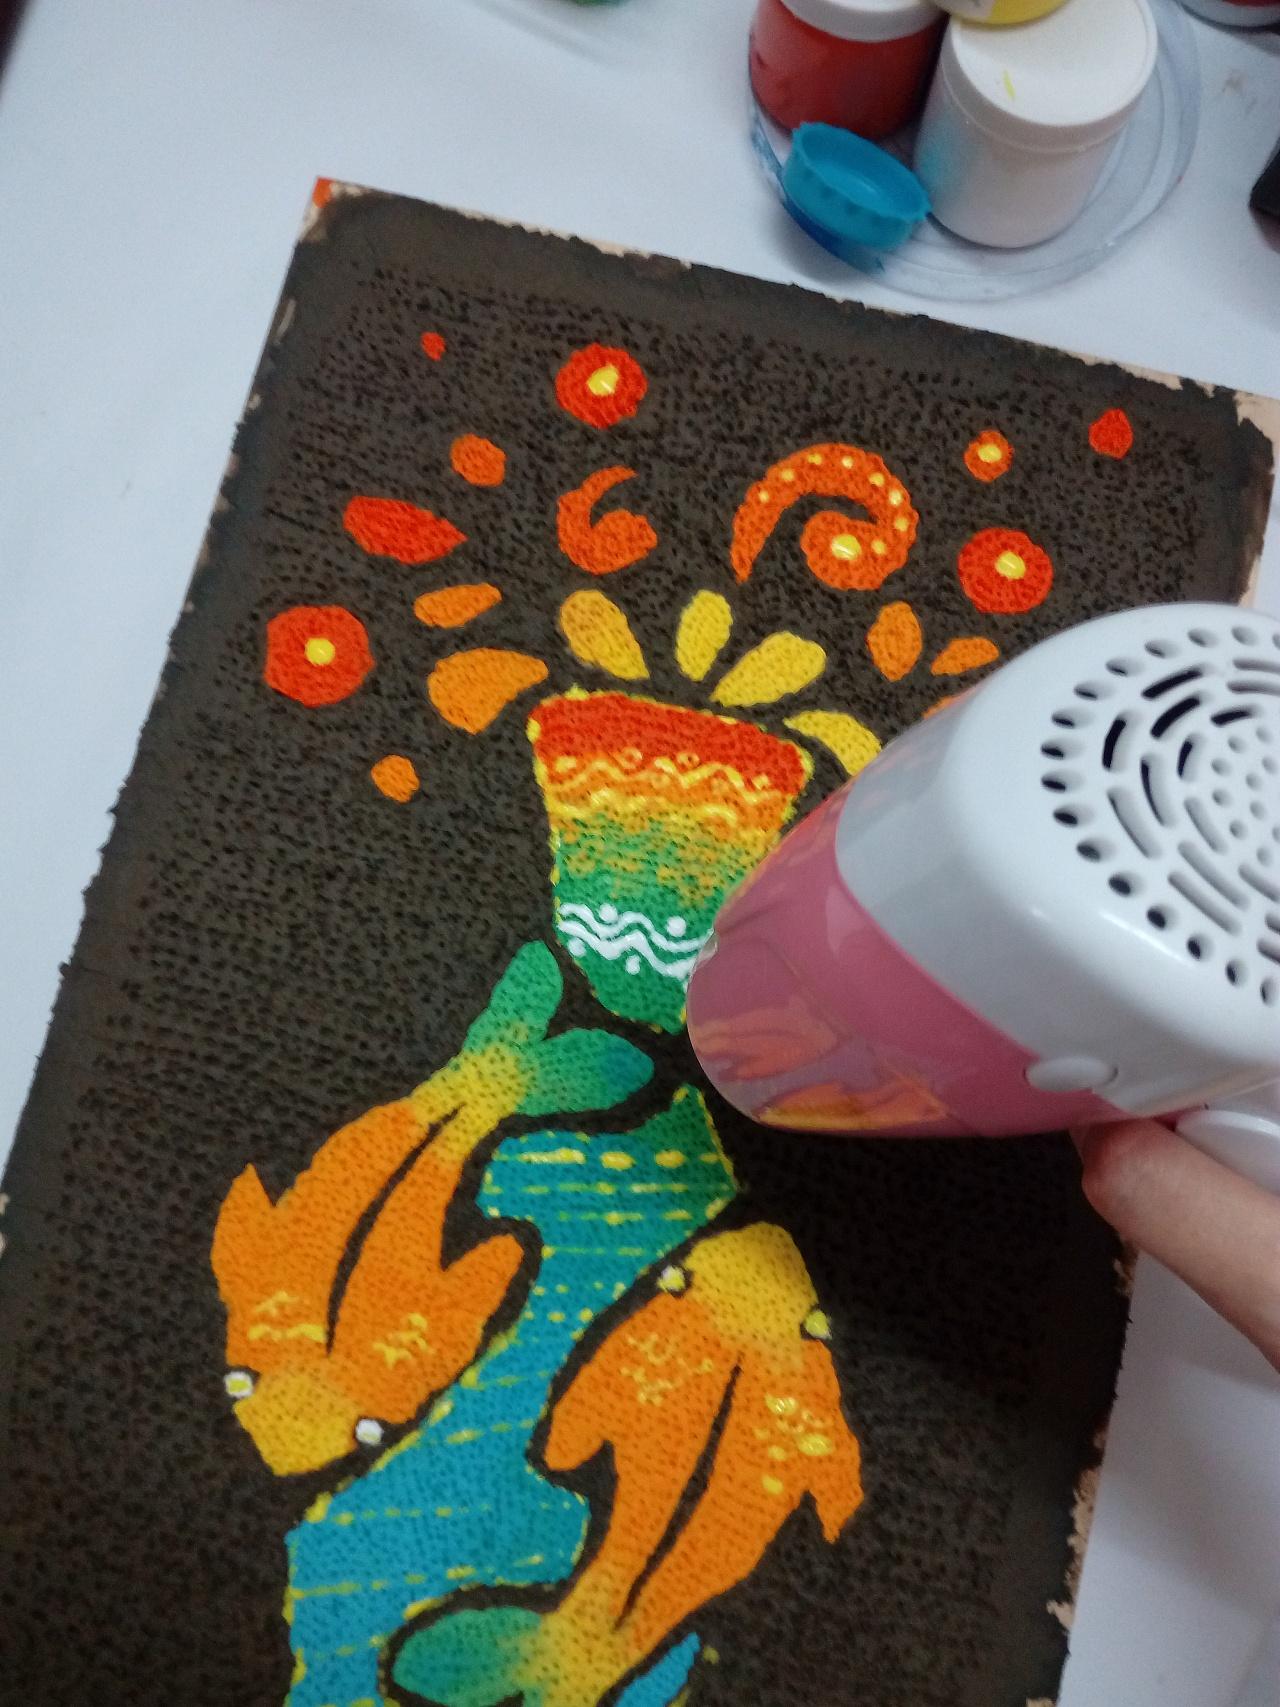 纸巾装饰画——手工制作